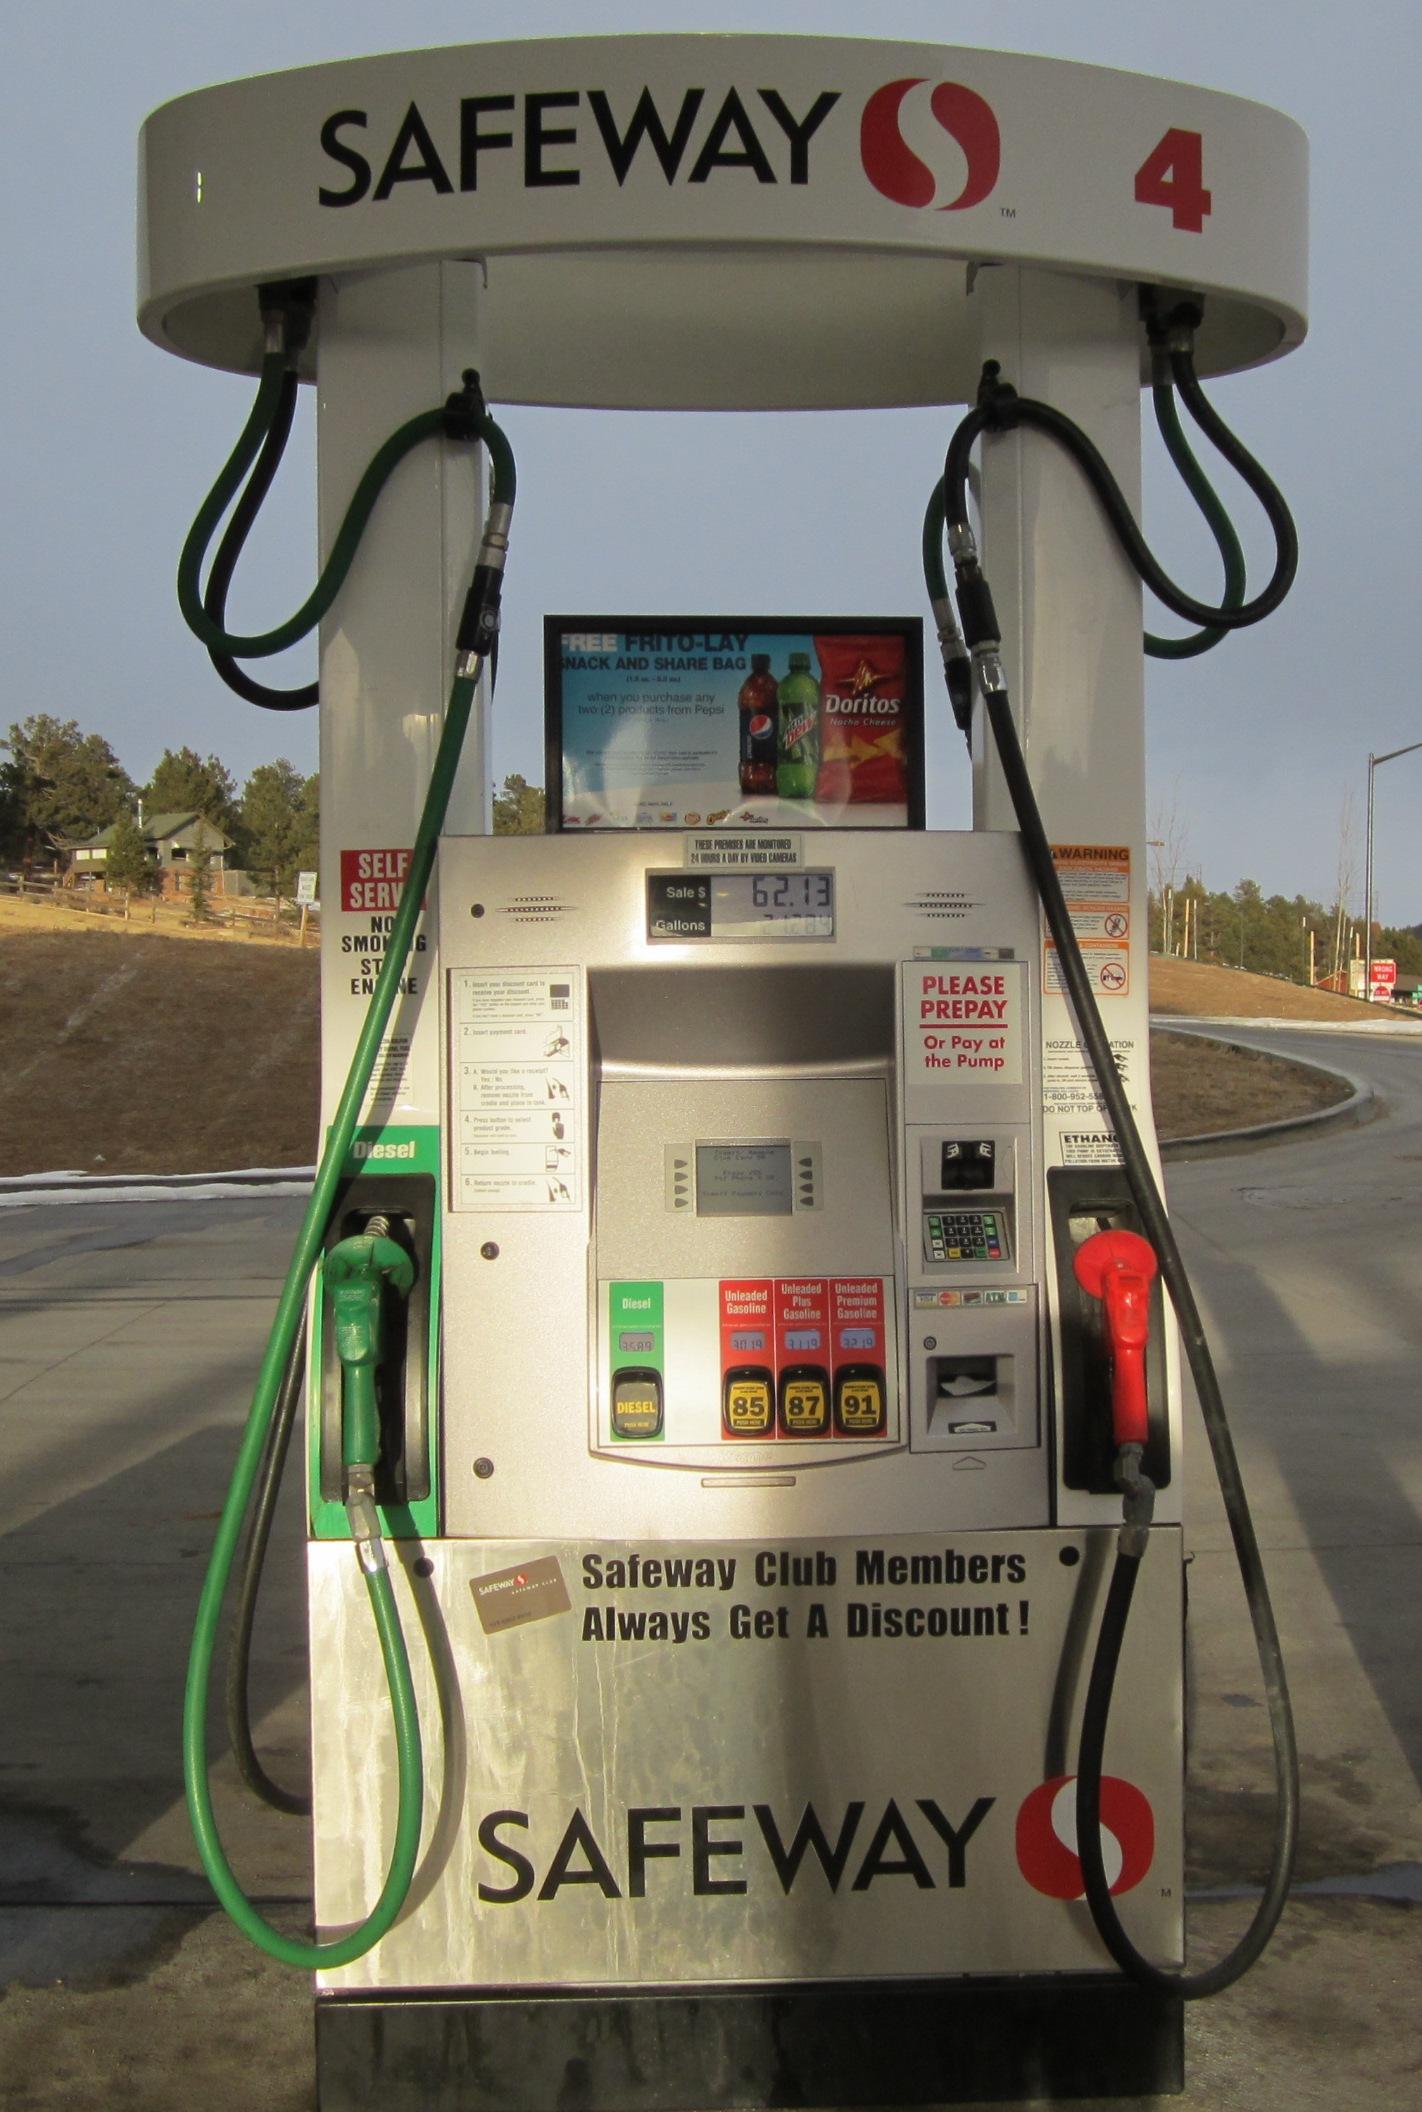 アメリカのガソリンスタンド 間違い探し!